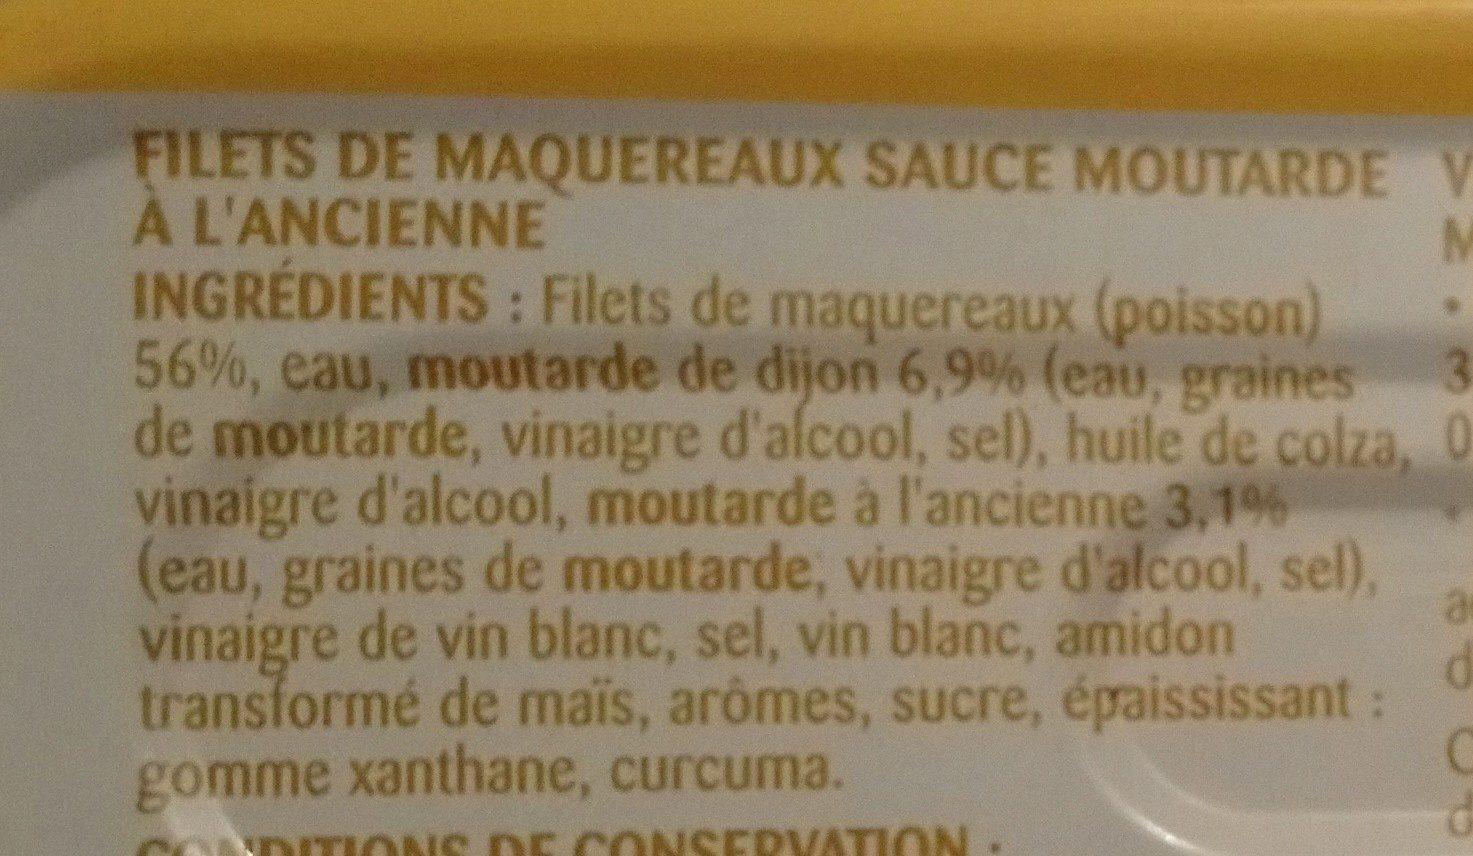 Filets de maquereaux sauce moutarde à l'ancienne - Ingrediënten